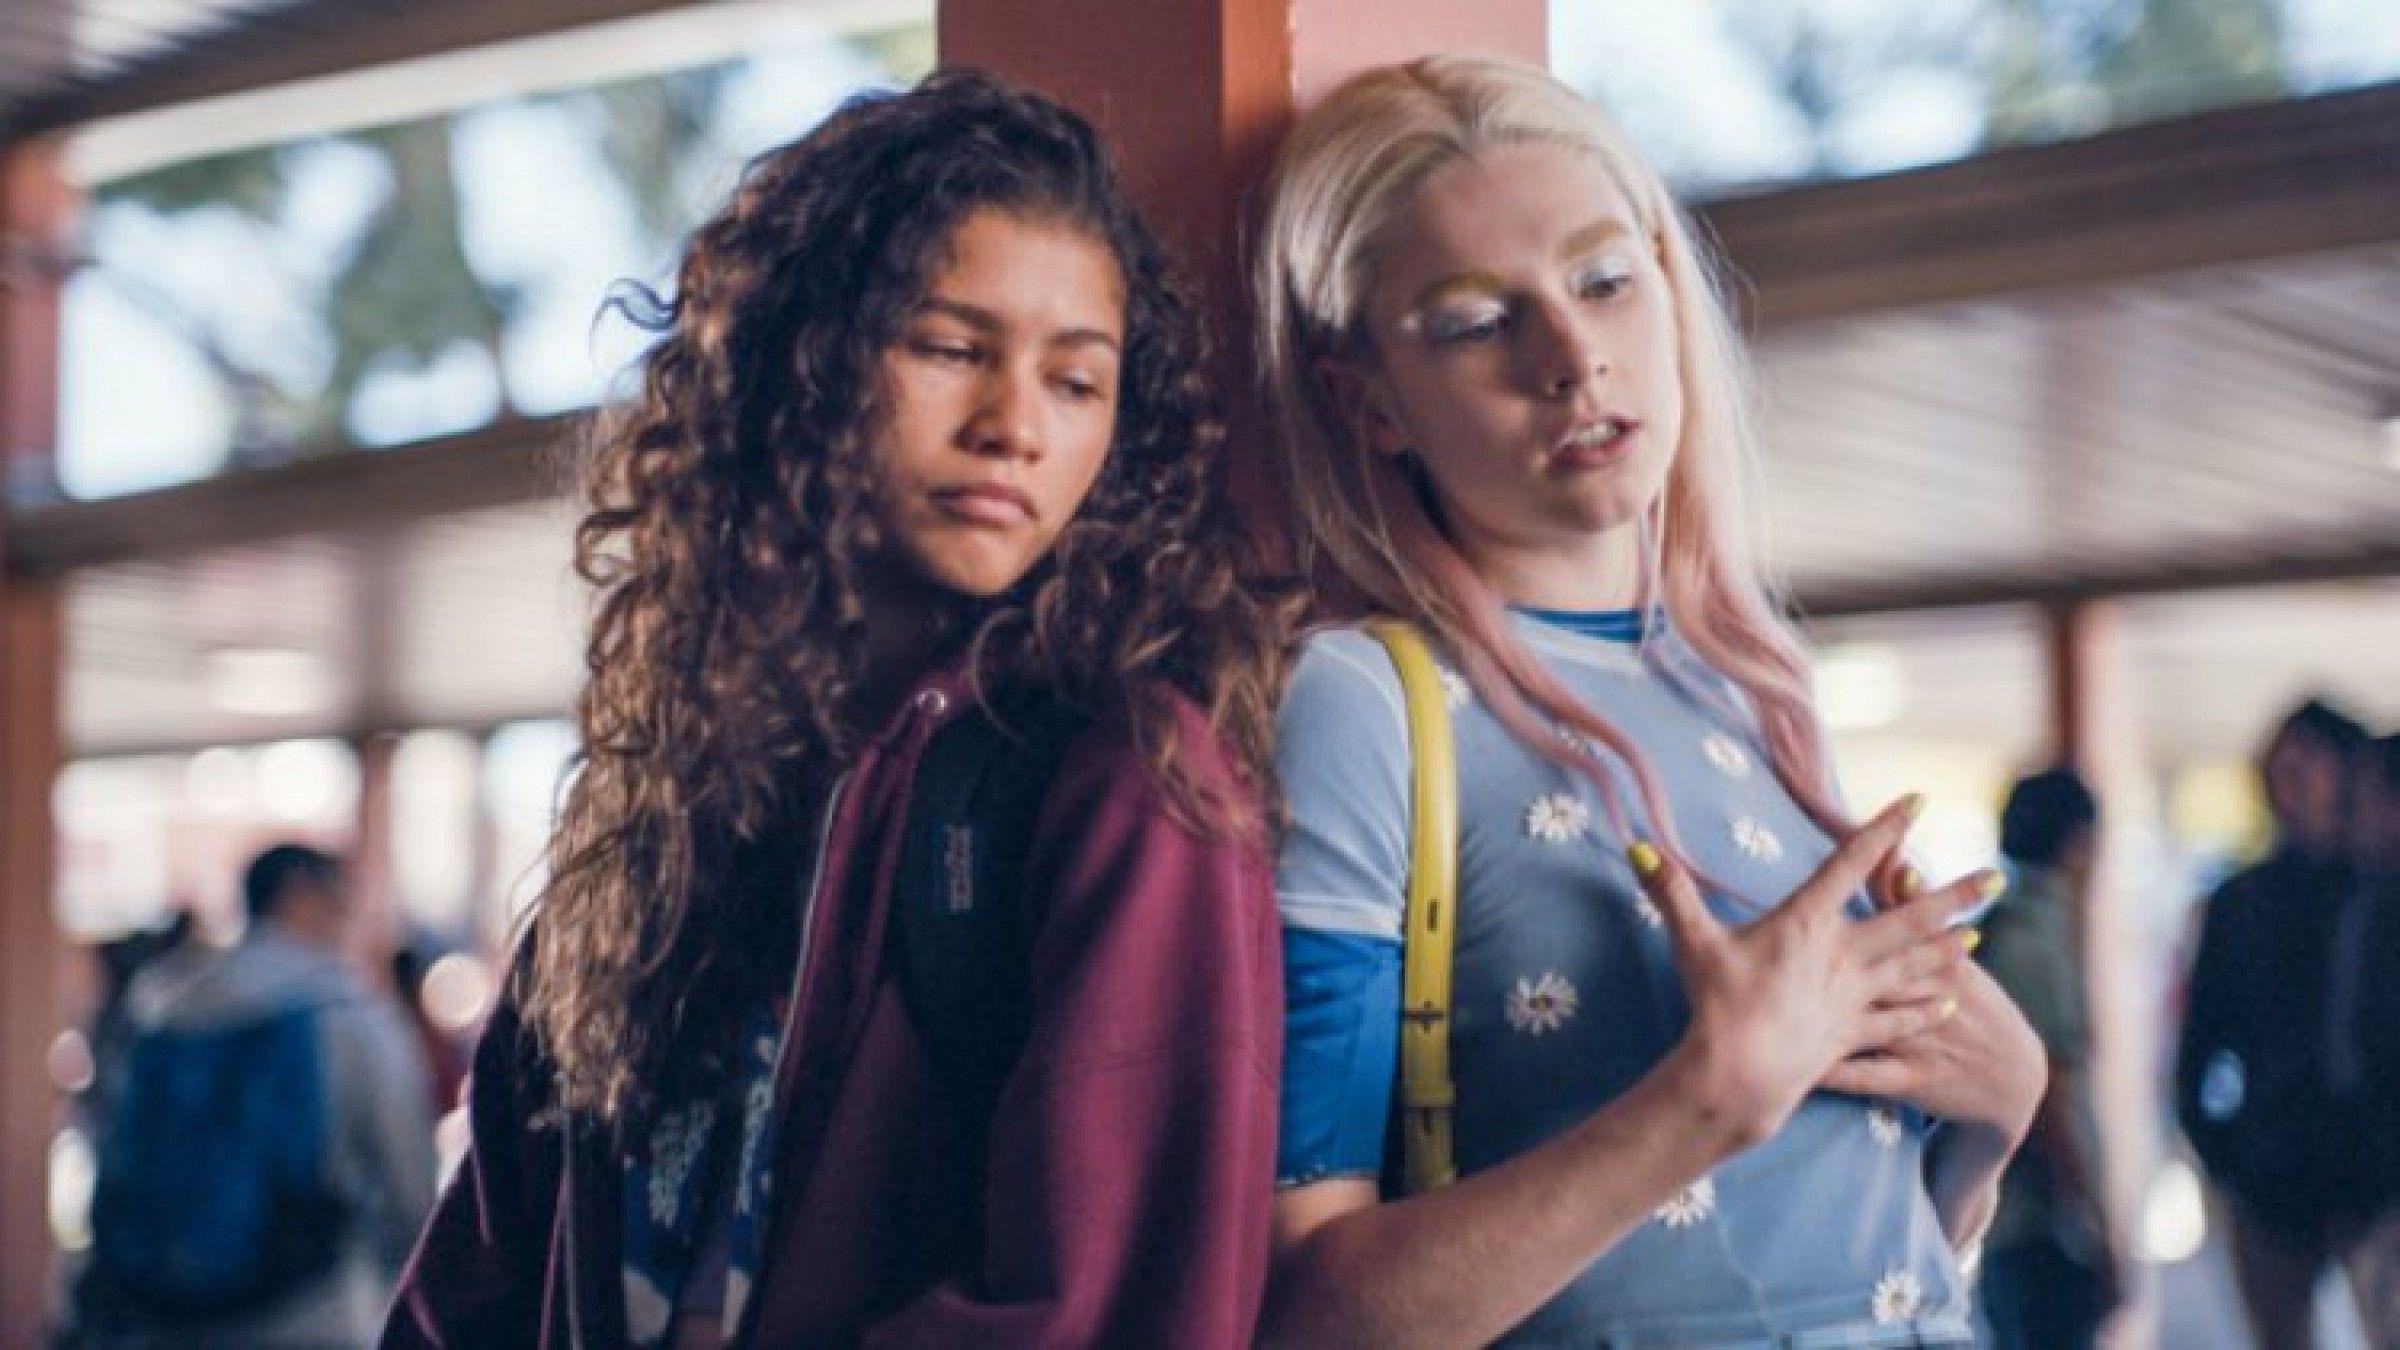 Season 2 Euphoria Confirmed With Zendaya in Lead